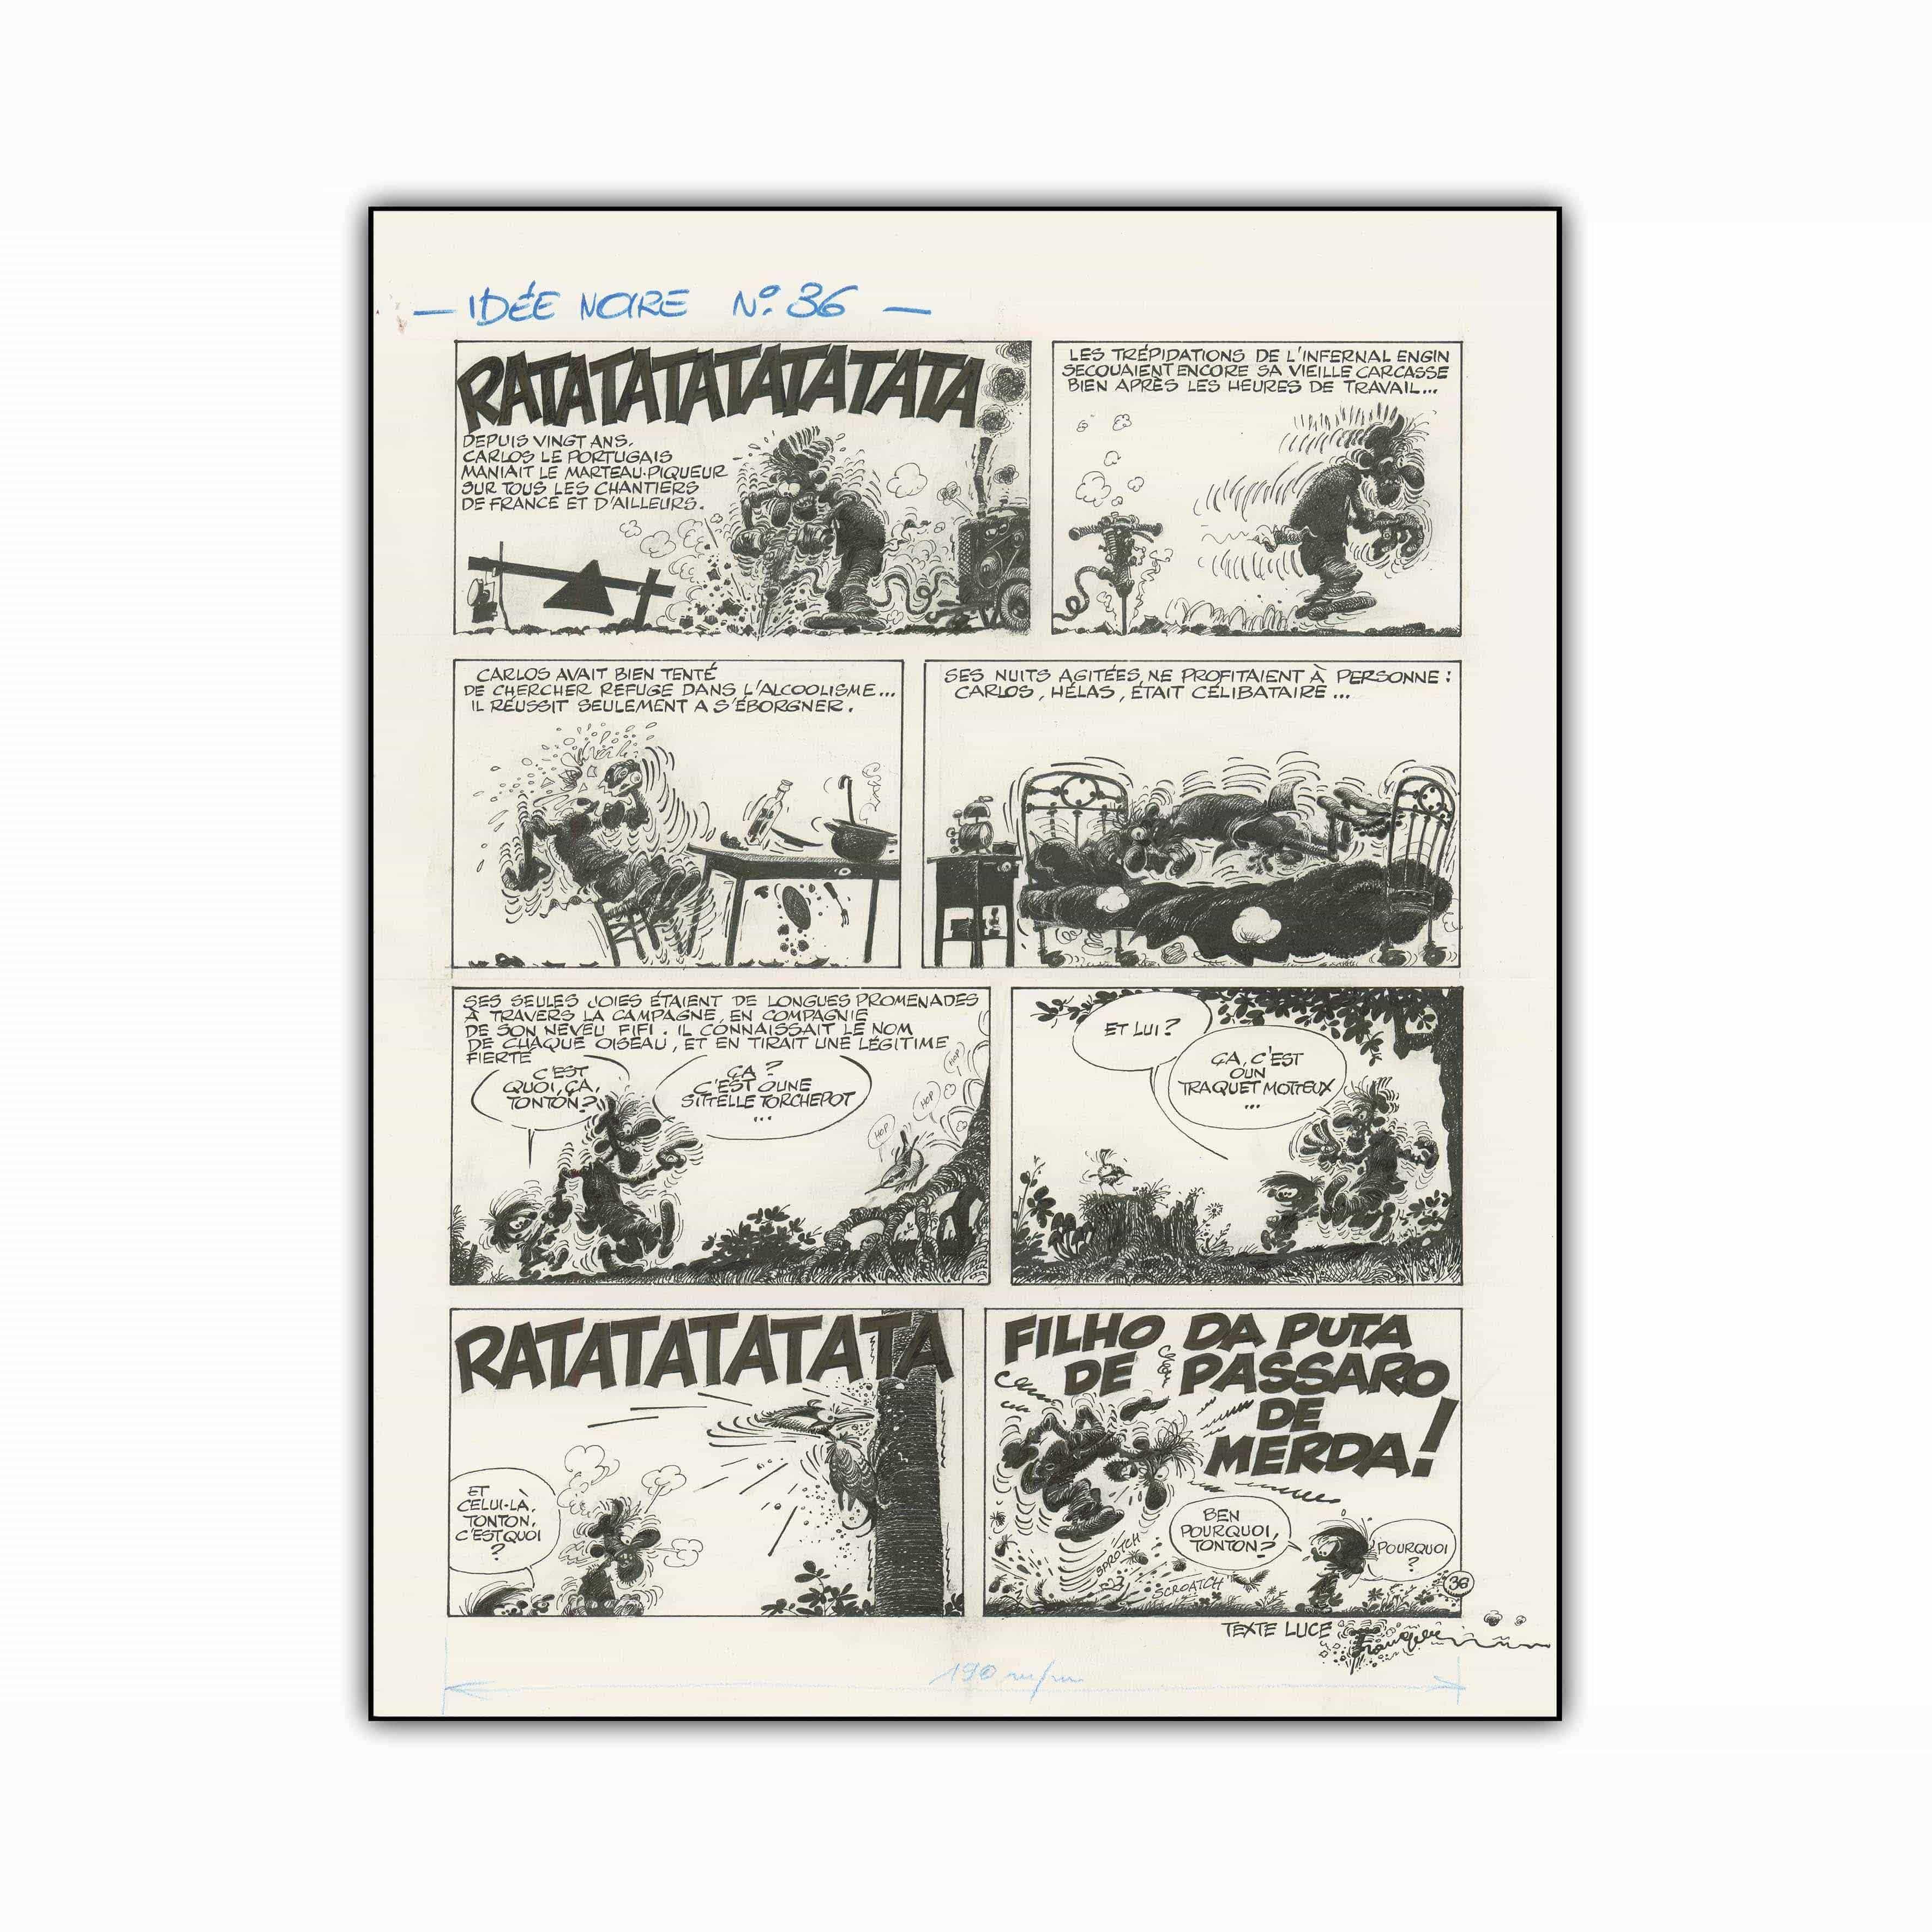 LprEditions | Planche 36 Les Idées Noires (55×70 cm) - Tirage d'art à 8 ex.